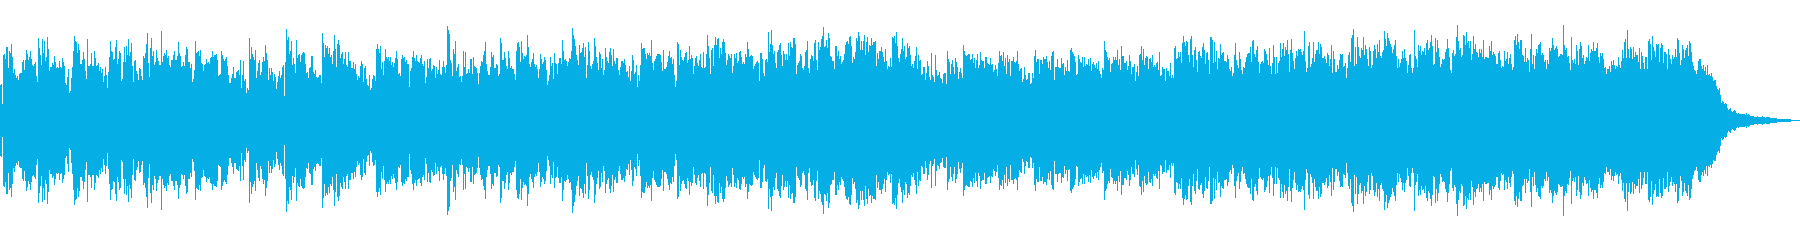 [瞑想]不思議な感覚のノイズミュージックの再生済みの波形